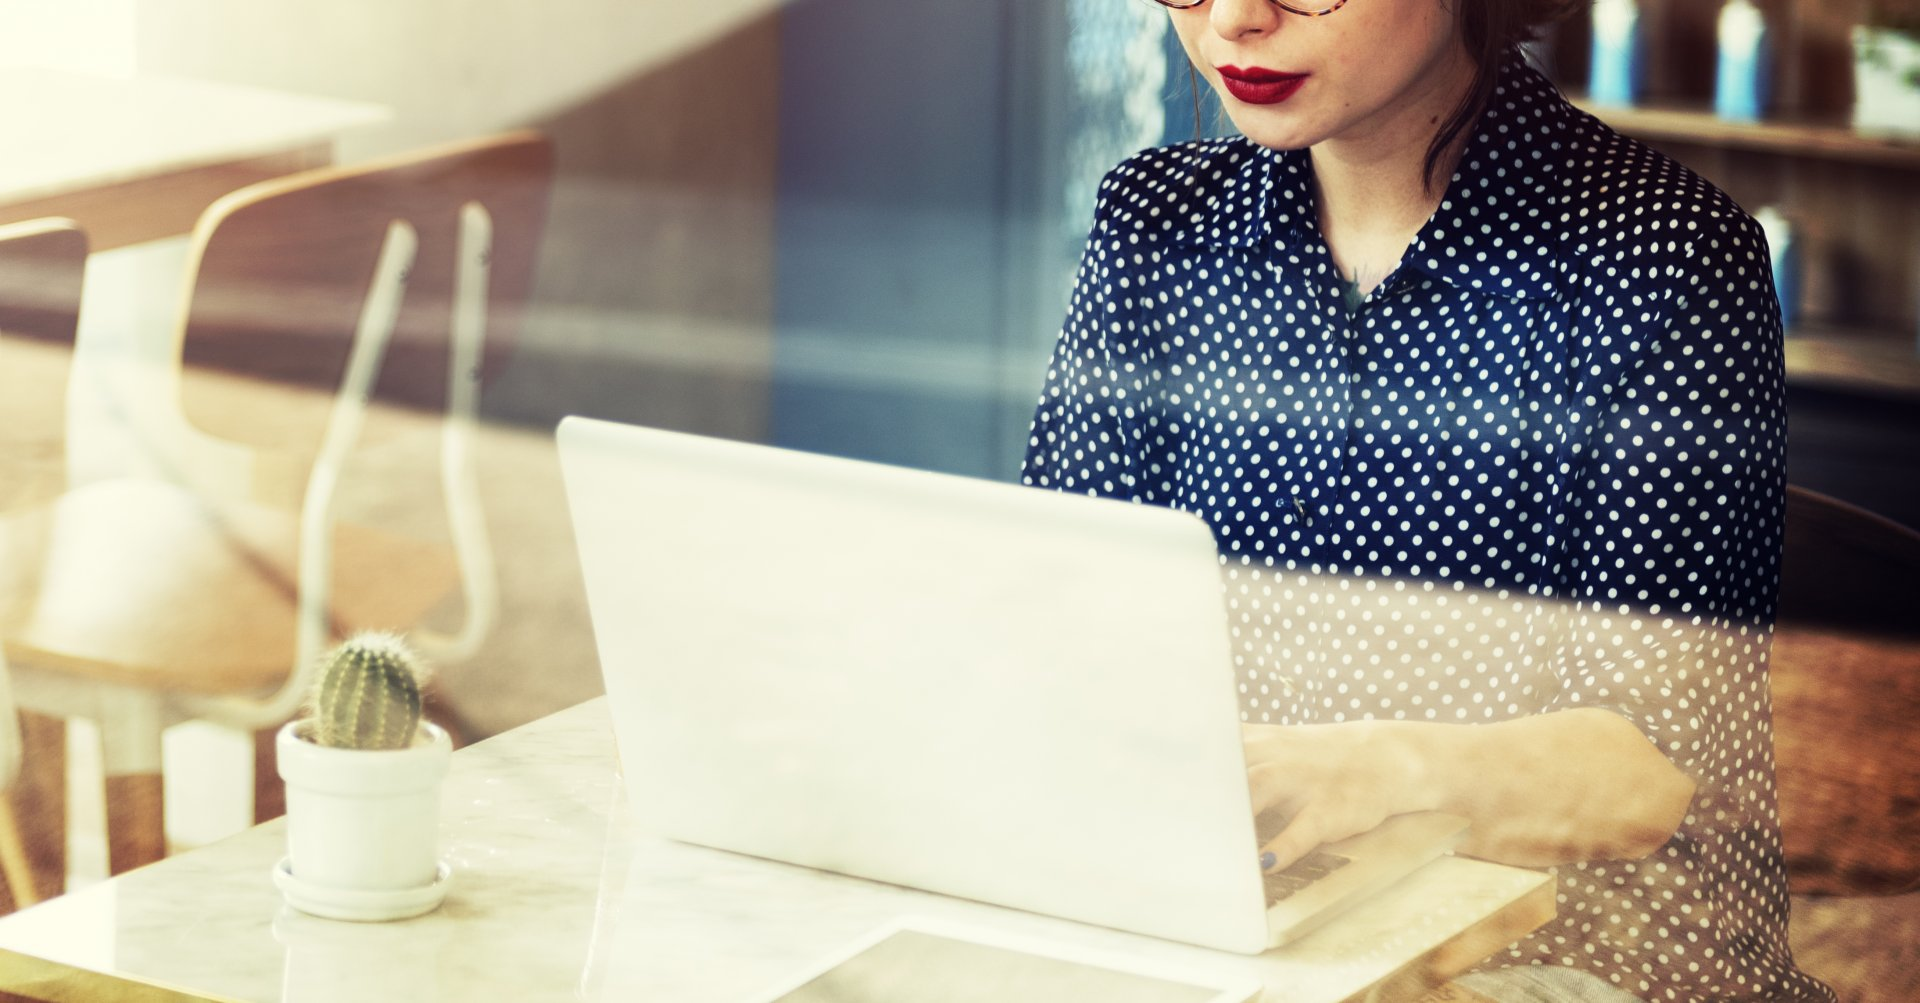 Борлуулалтын ажилтнуудад CRM систем зайлшгүй хэрэгтэй болохыг илтгэх 10 шалтгаан